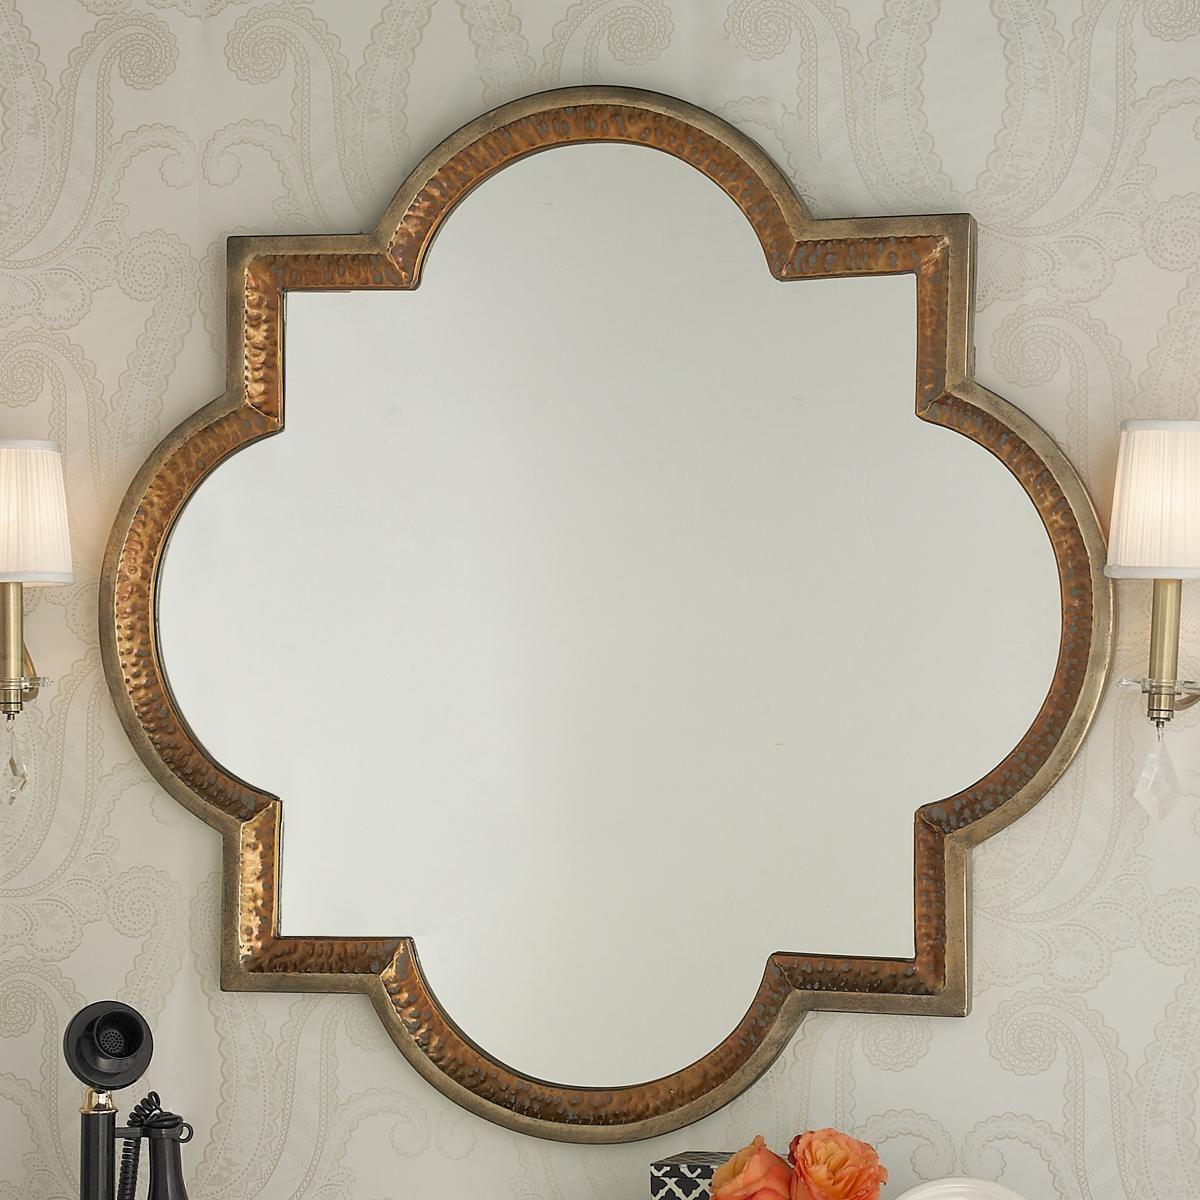 Most Popular Quatrefoil Wall Mirrors Regarding Gold And Copper Quatrefoil Mirror (View 15 of 20)